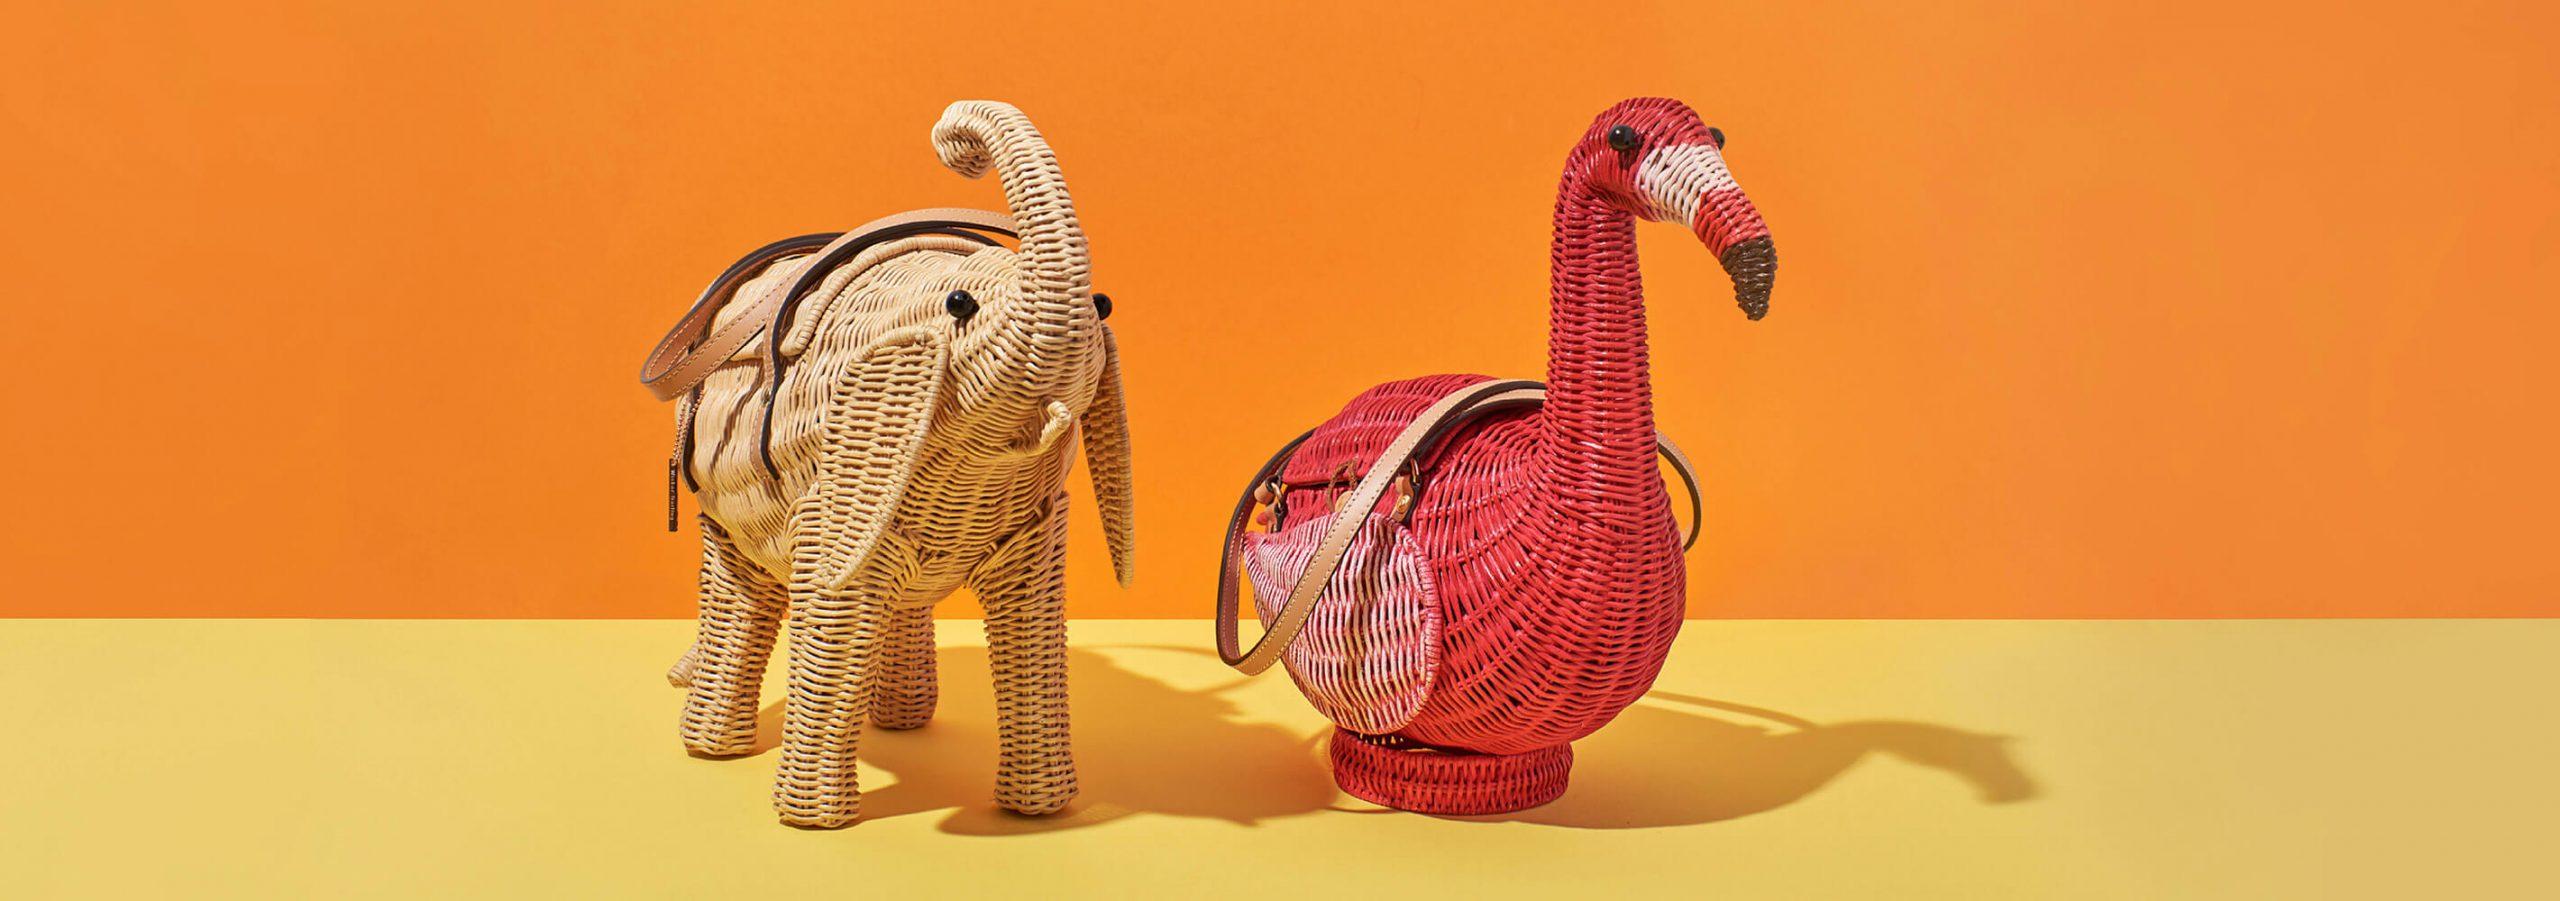 Image of elephant and flamingo wicker shaped handbag on orange background.